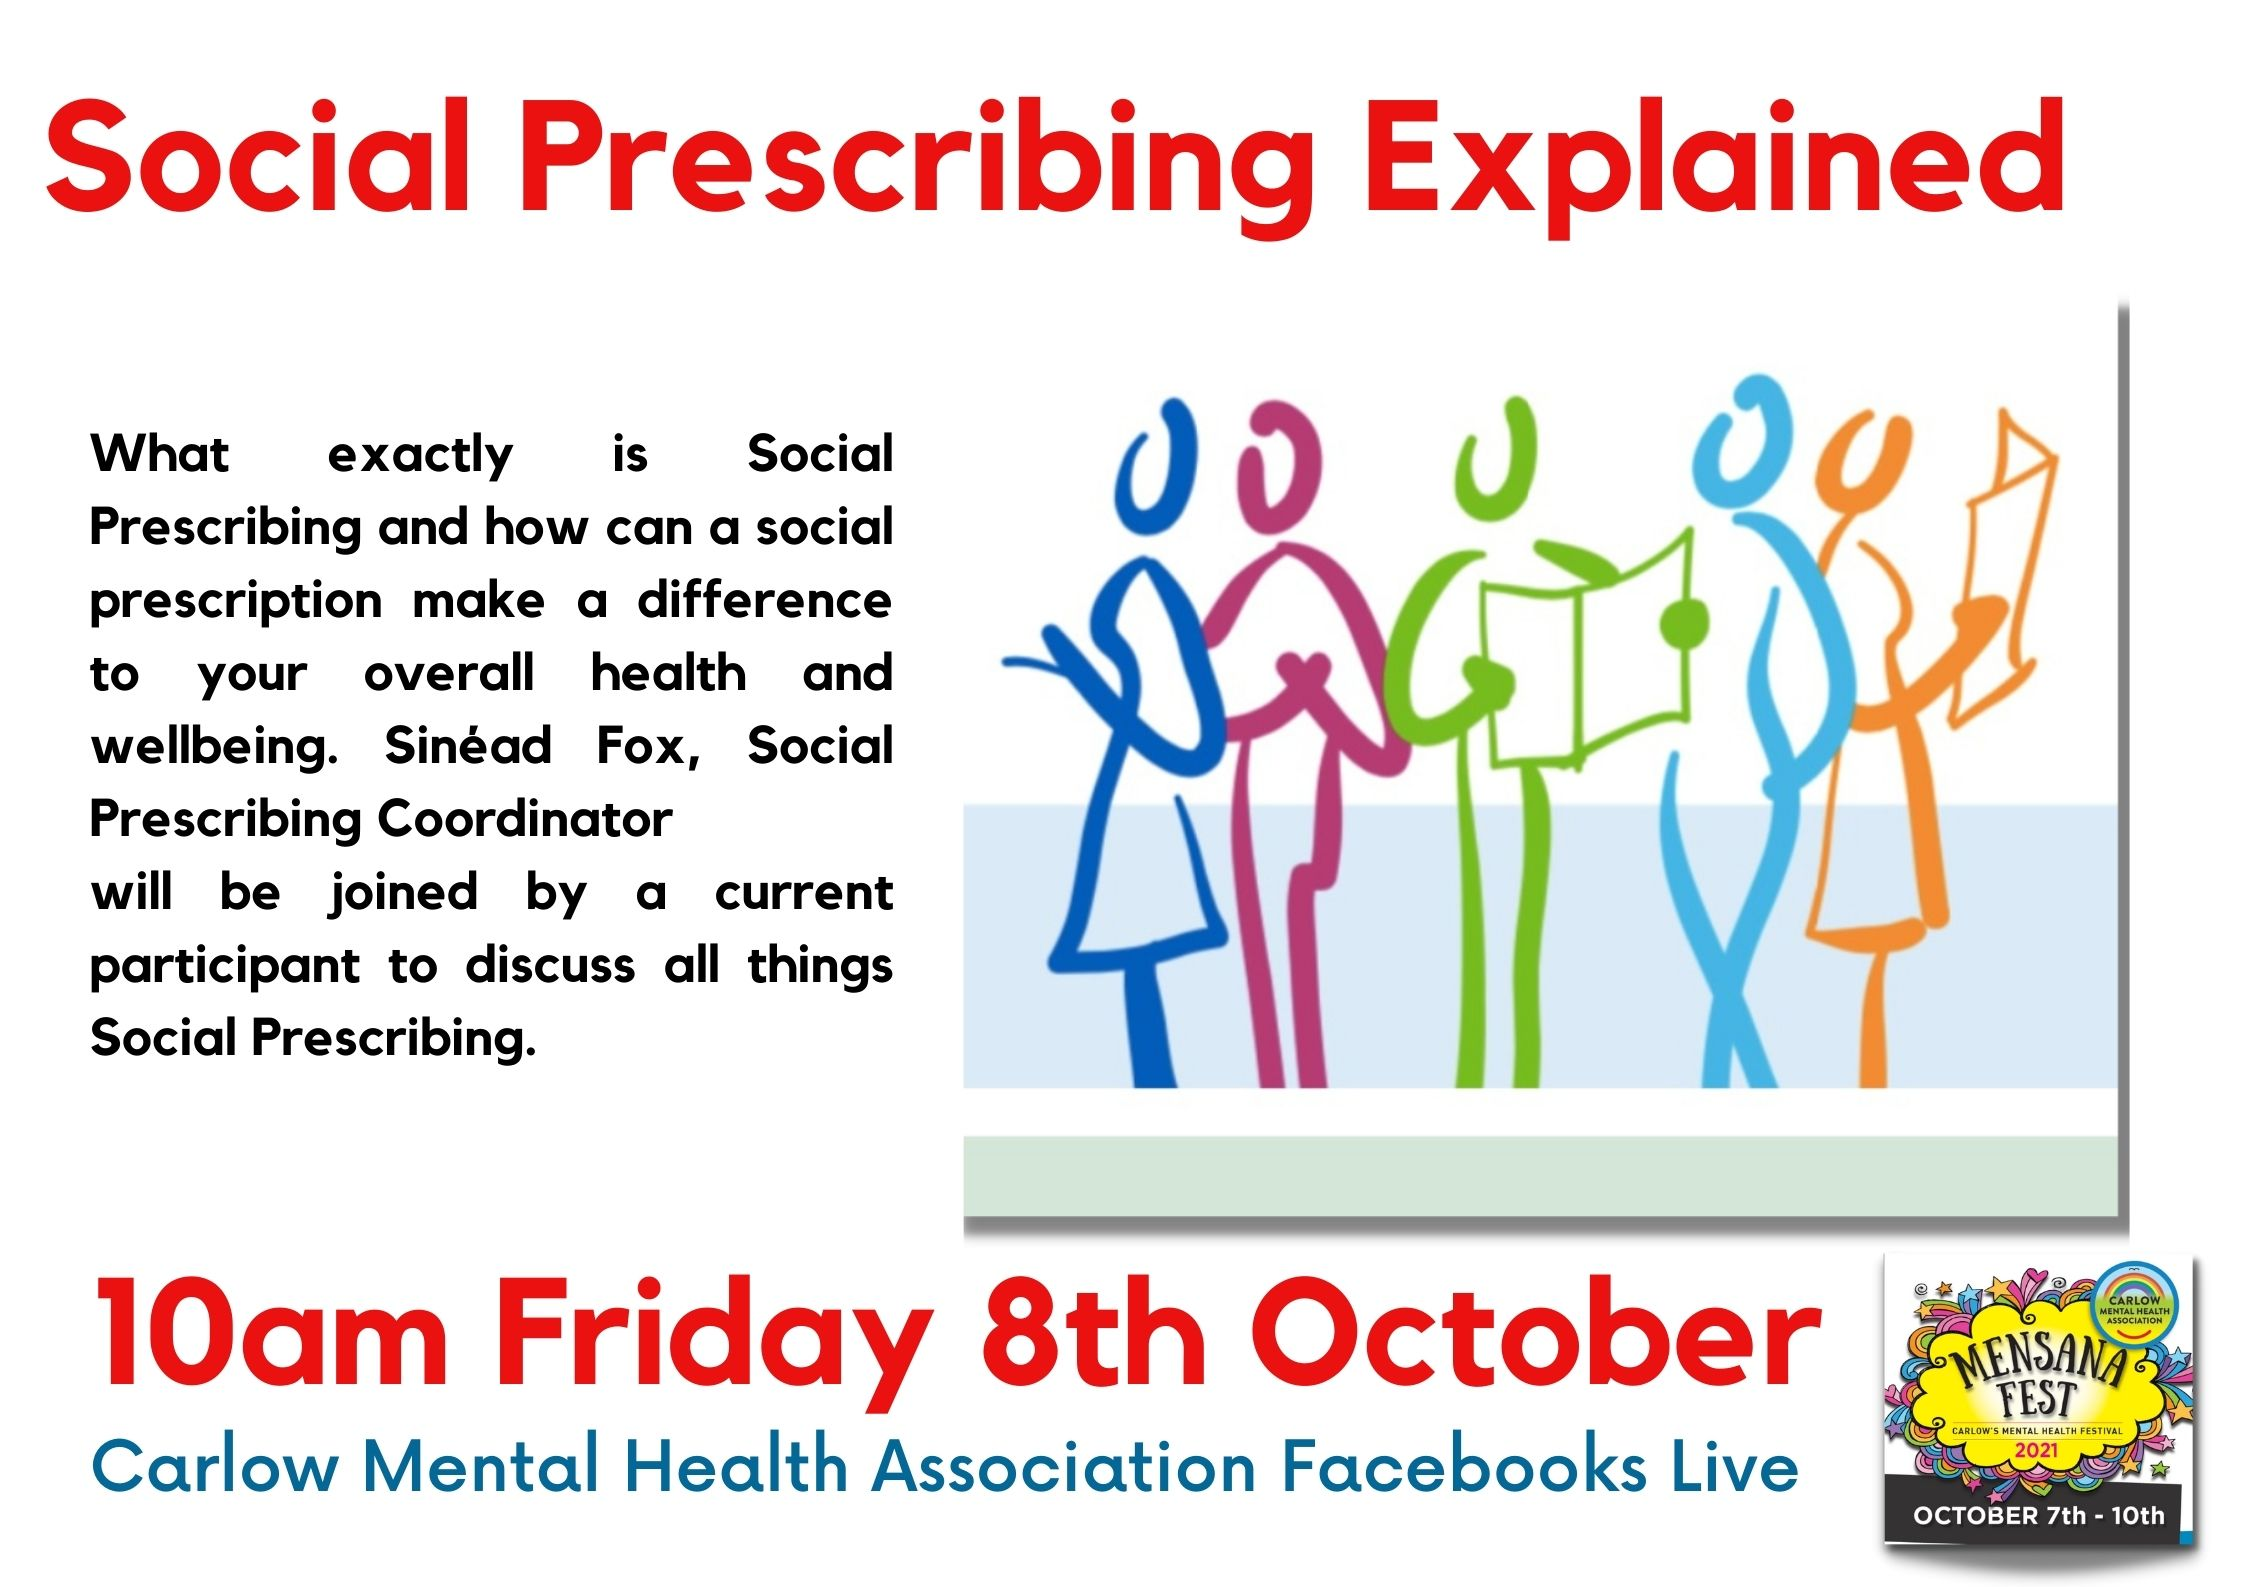 Social Prescribing Explained